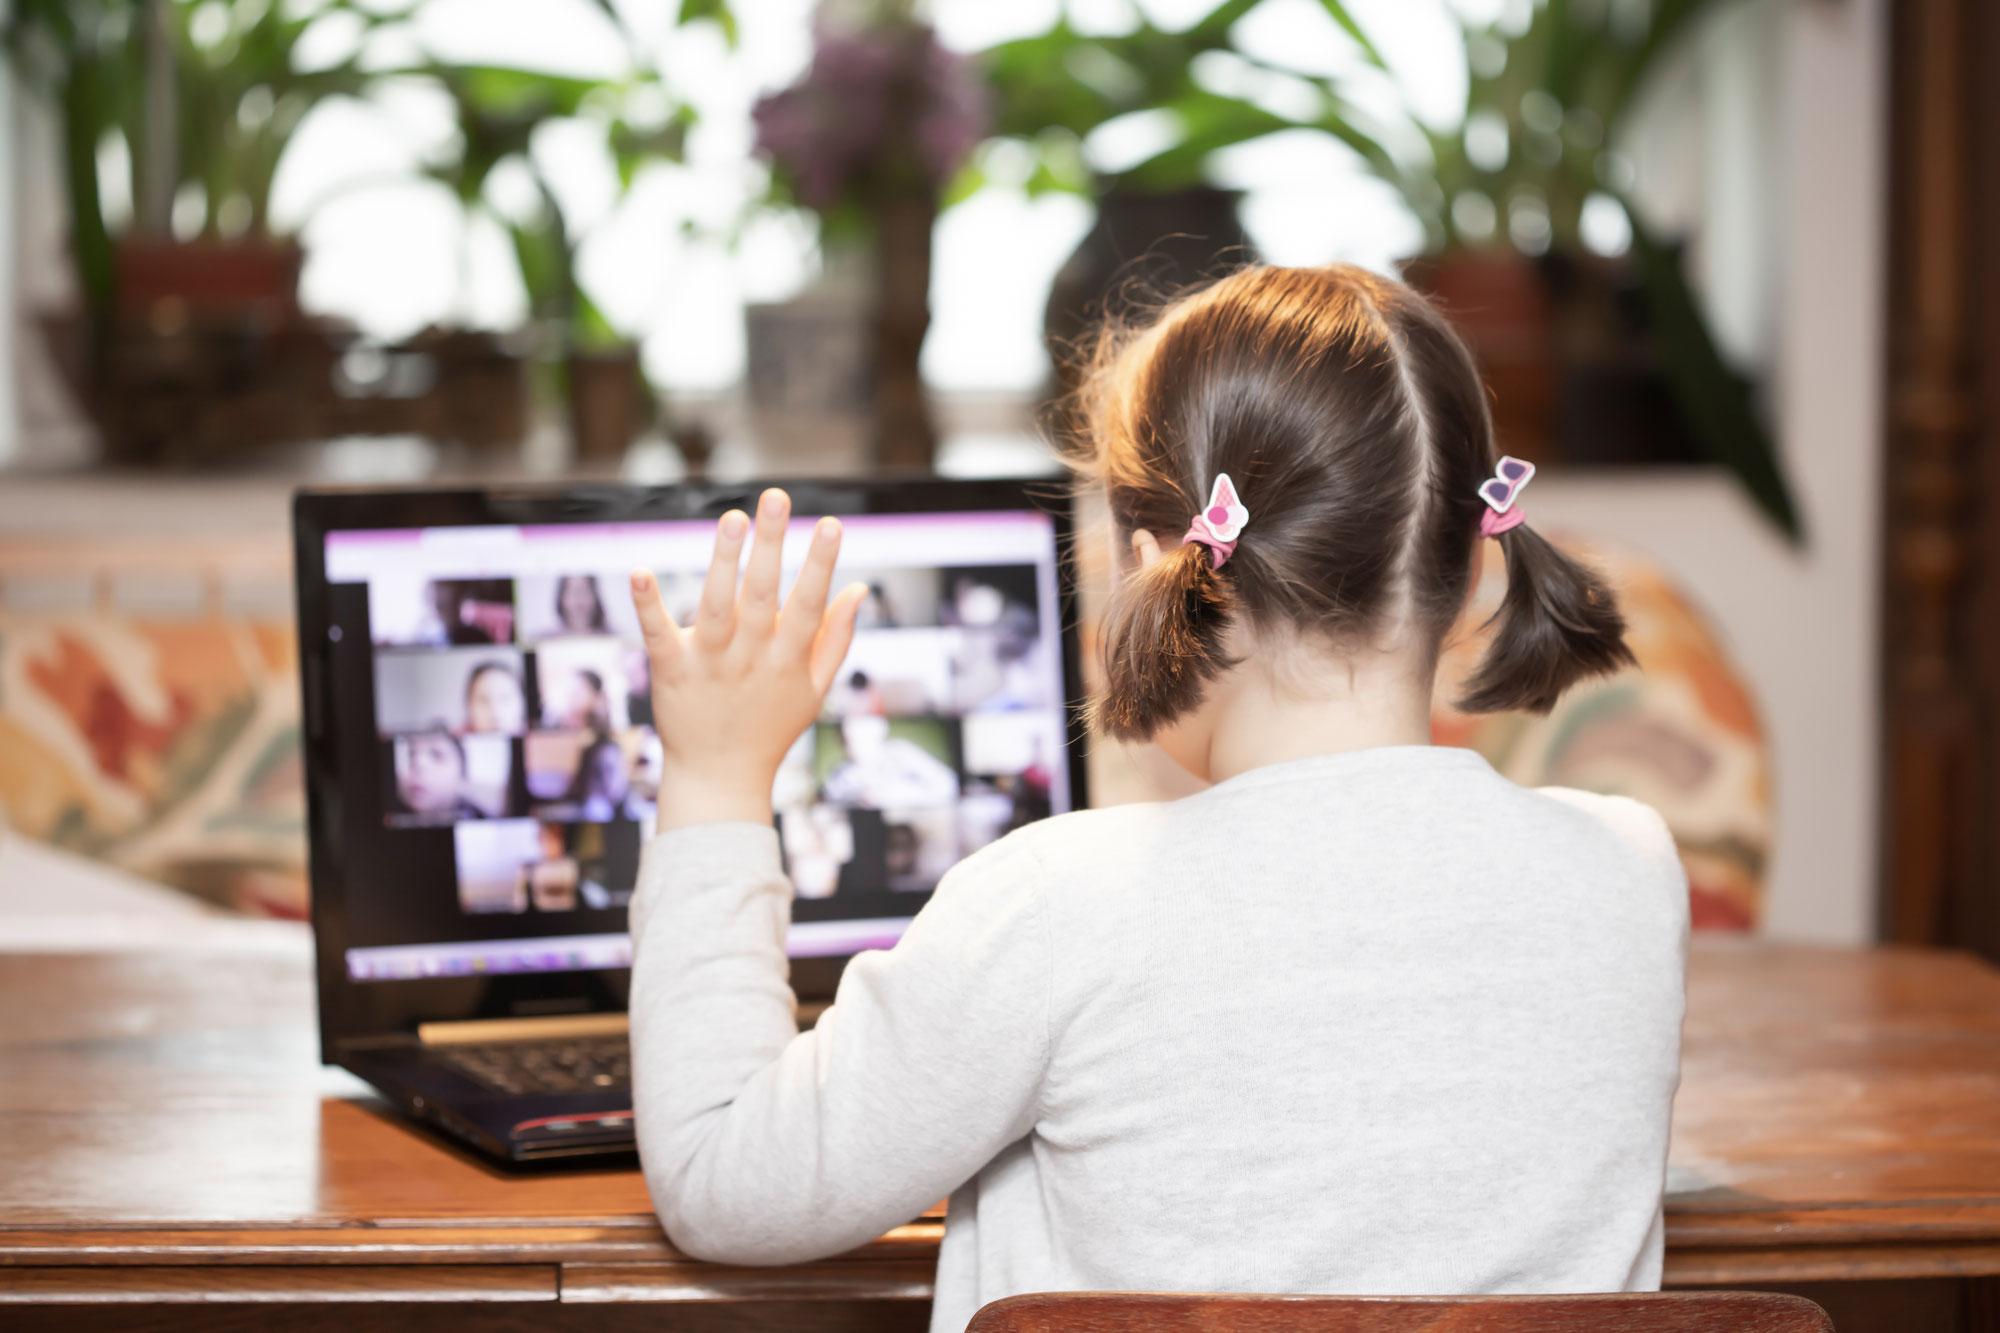 Homeschooling verursacht Zunahme der Kurzsichtigkeit (Myopie) bei Grundschulkindern